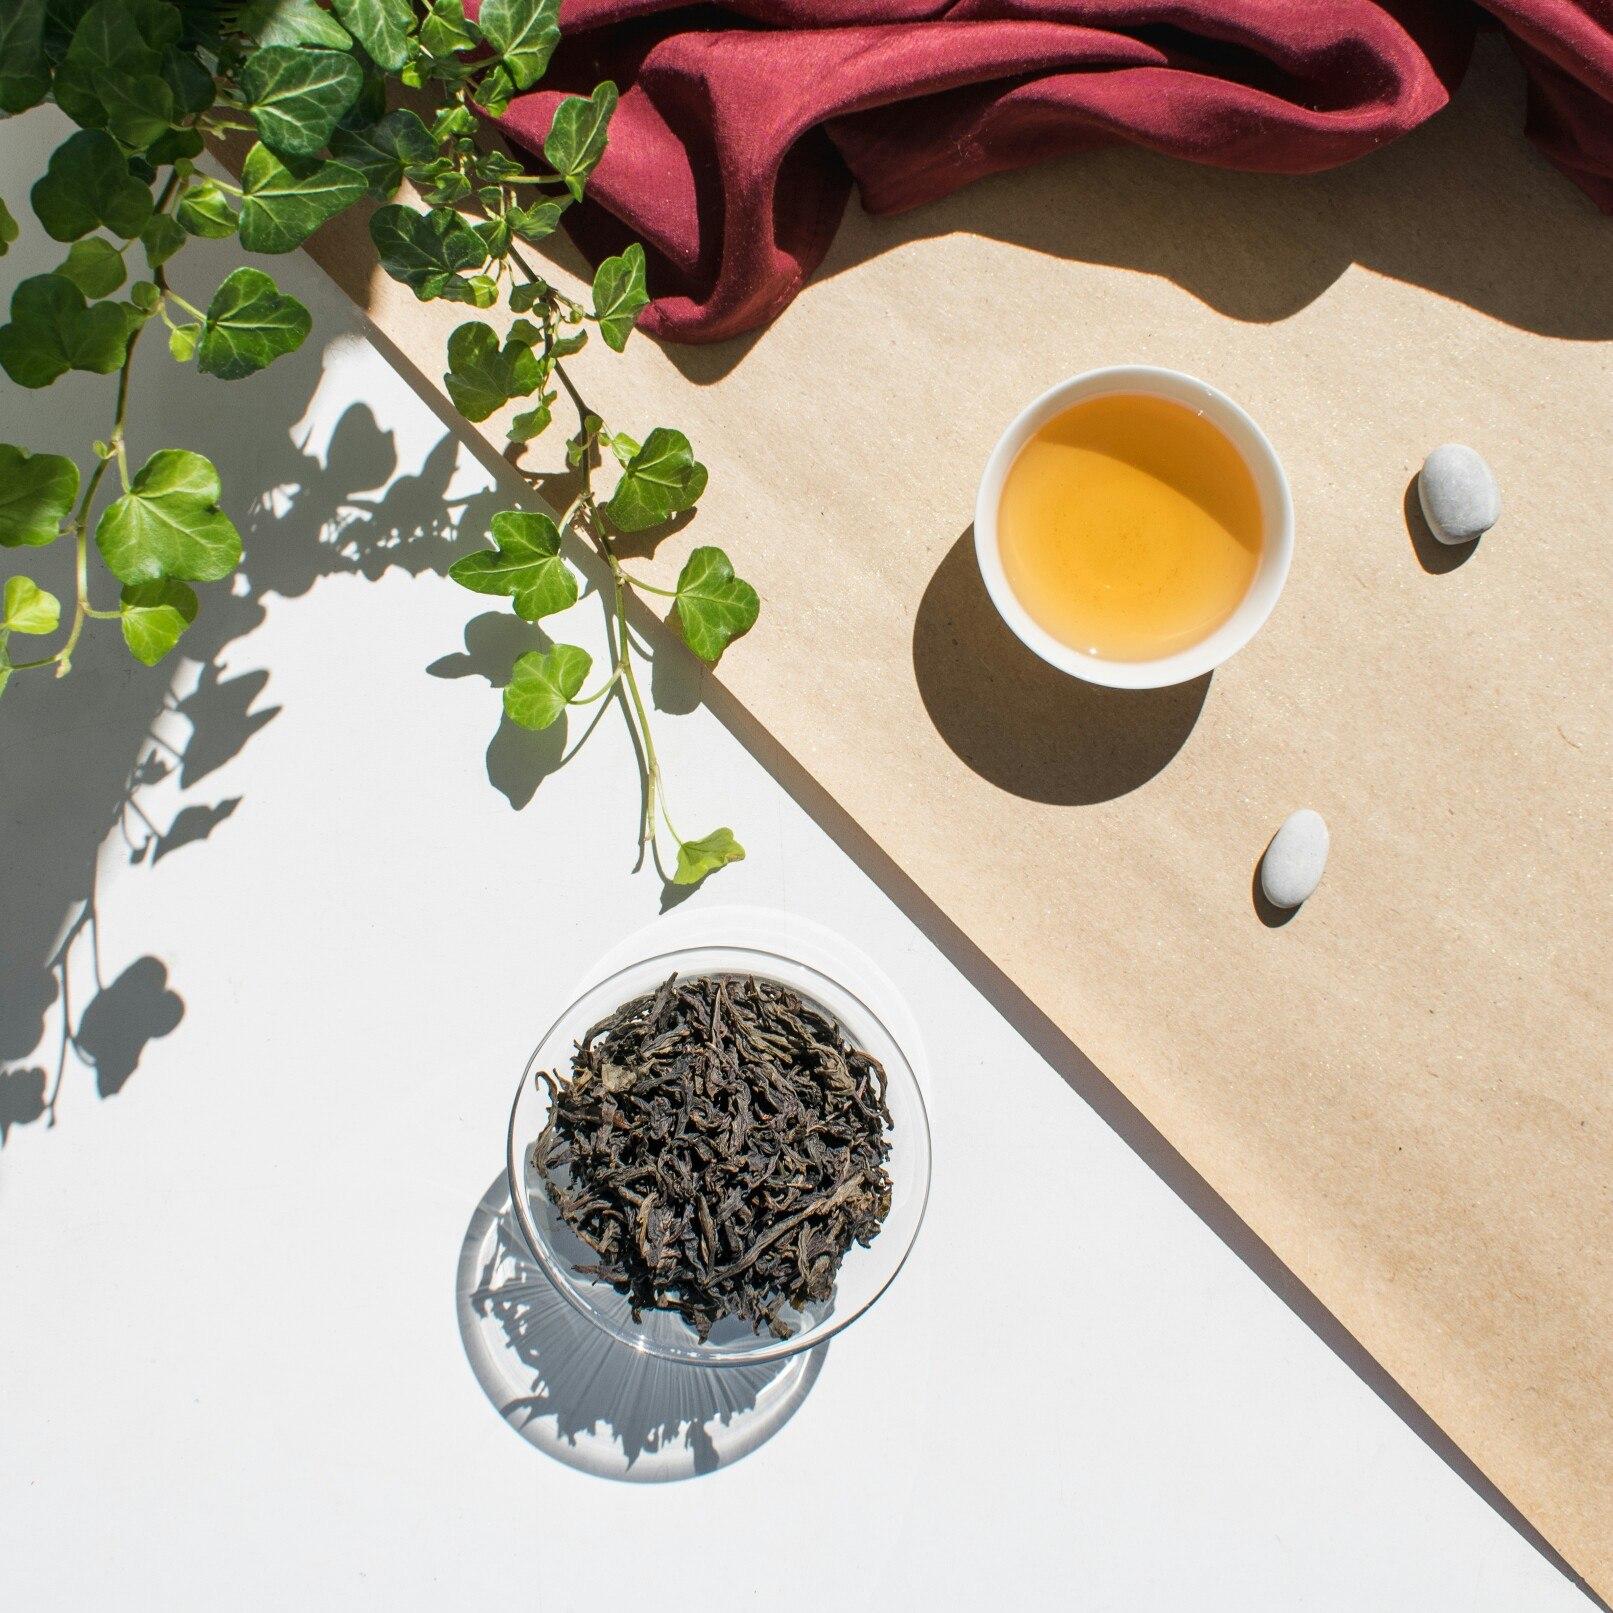 Да Хун Пао Цин Сян Большой Красный Халат чай фото